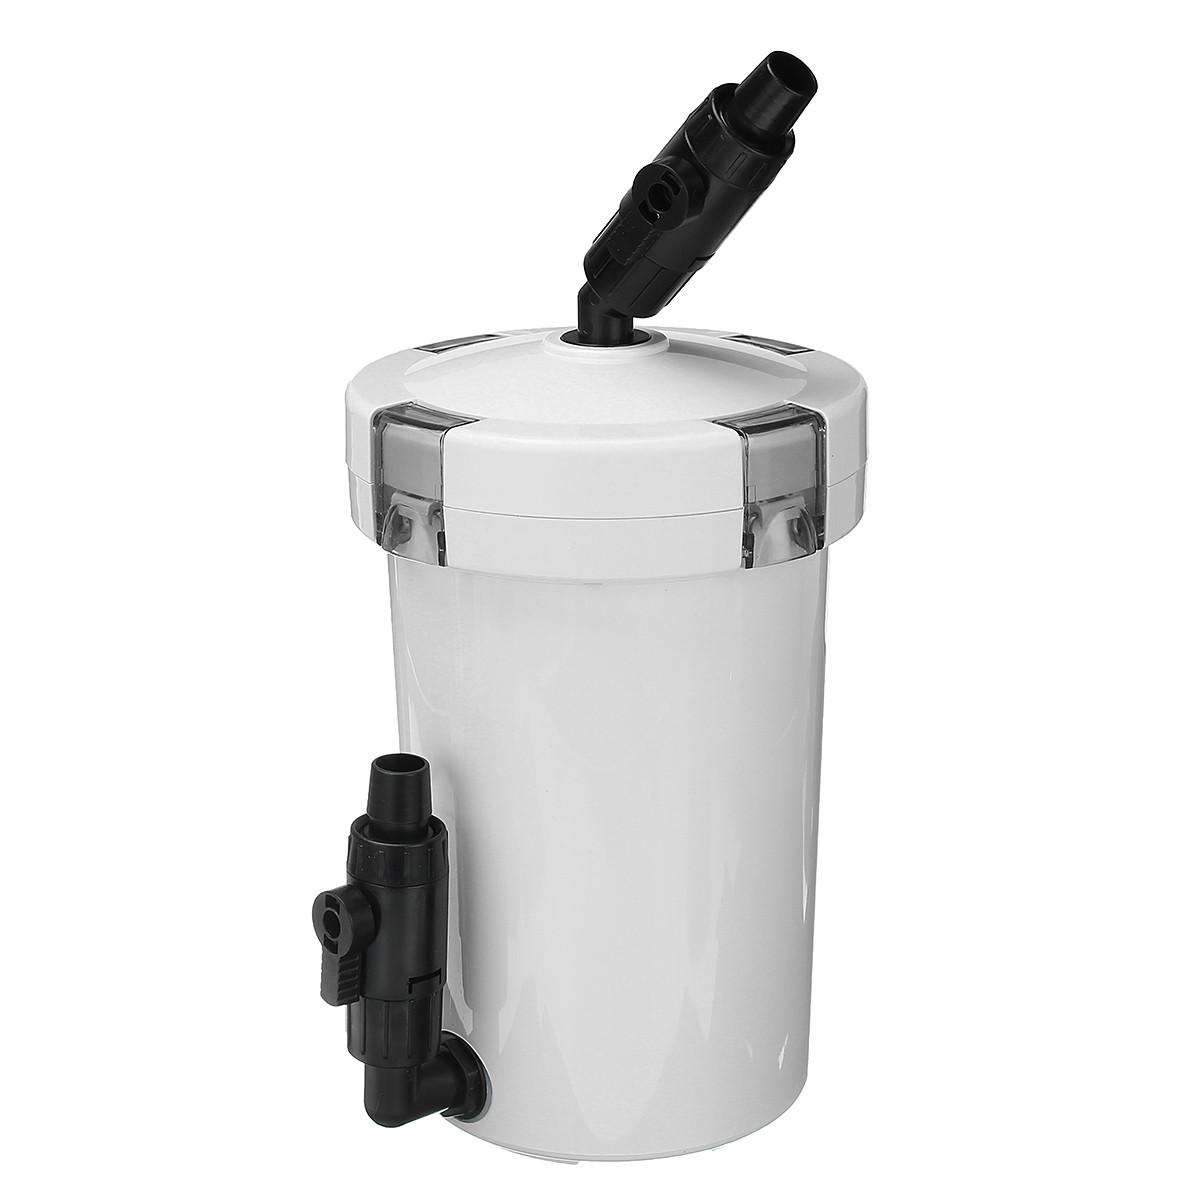 SUNSUN HW-602 220V Внешний фильтр канистры Аквариум Фильтр для воды для рыб 1TopShop